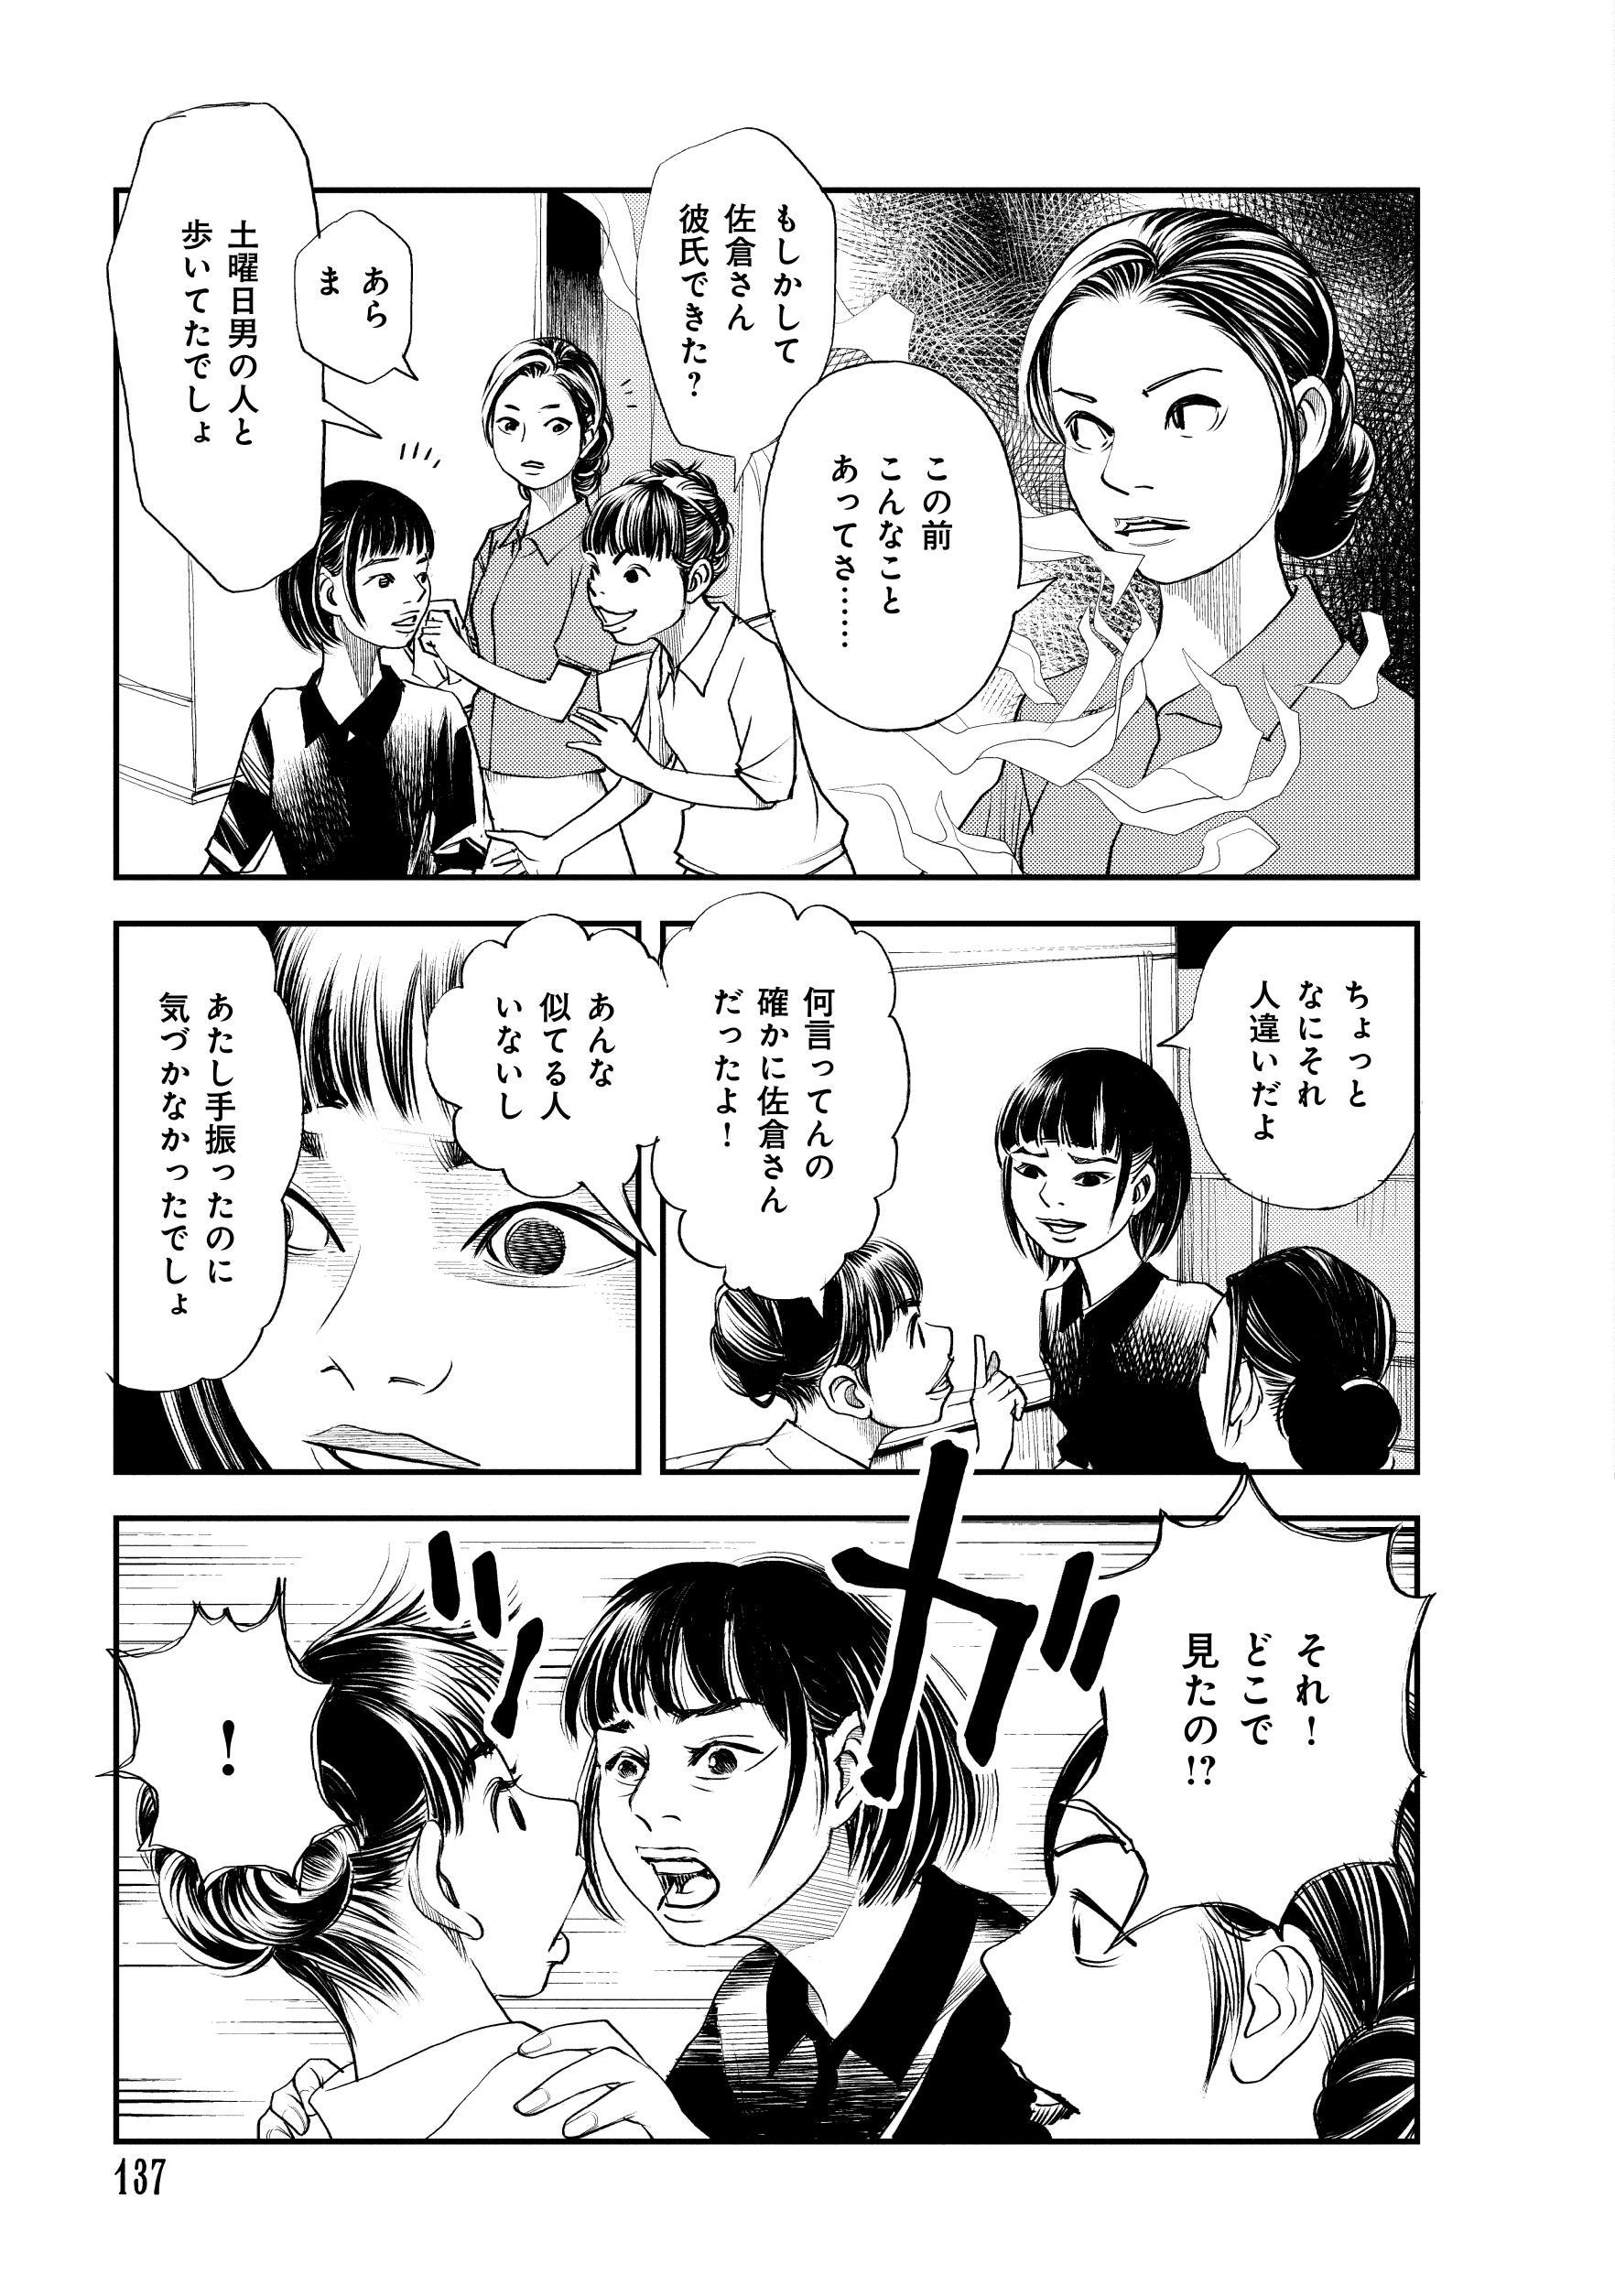 原作特集_137.jpg